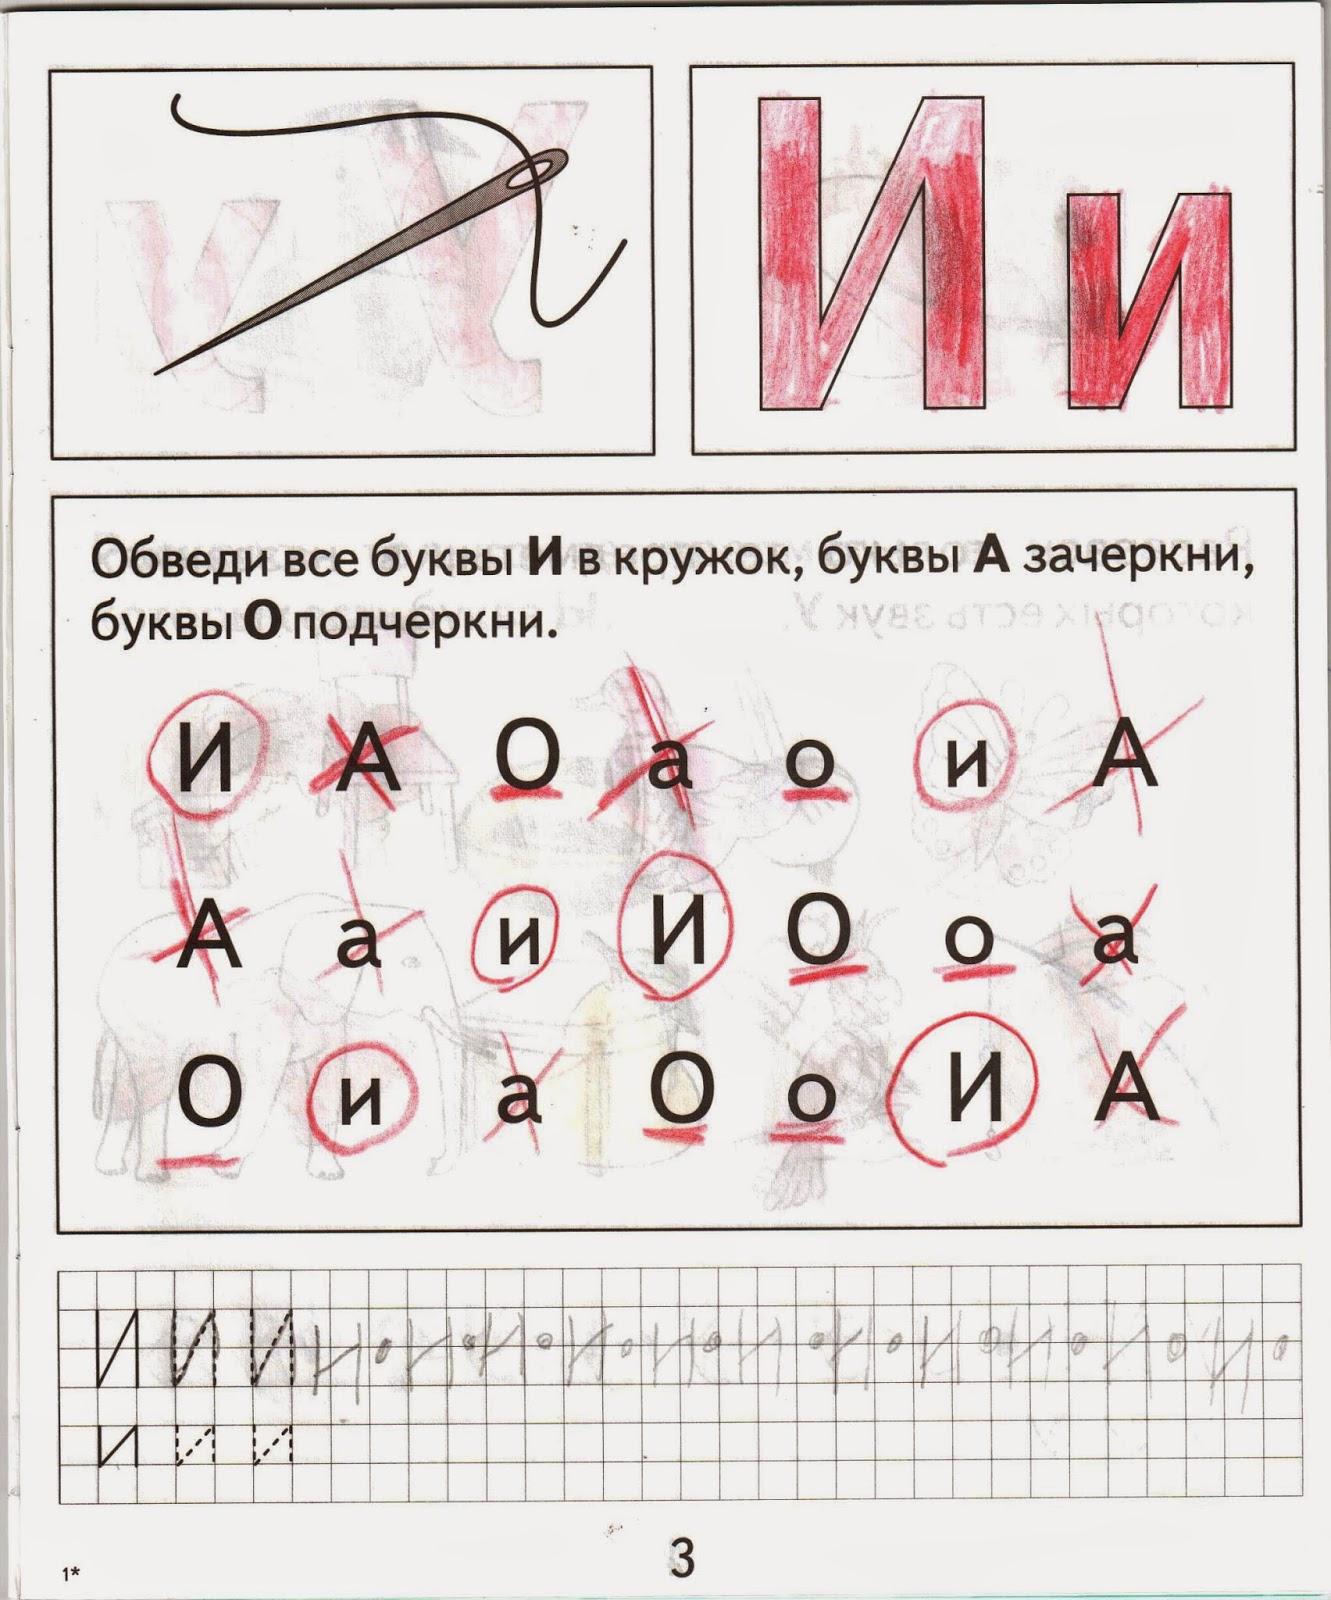 Как сделать так чтобы буквы были зачеркнутыми